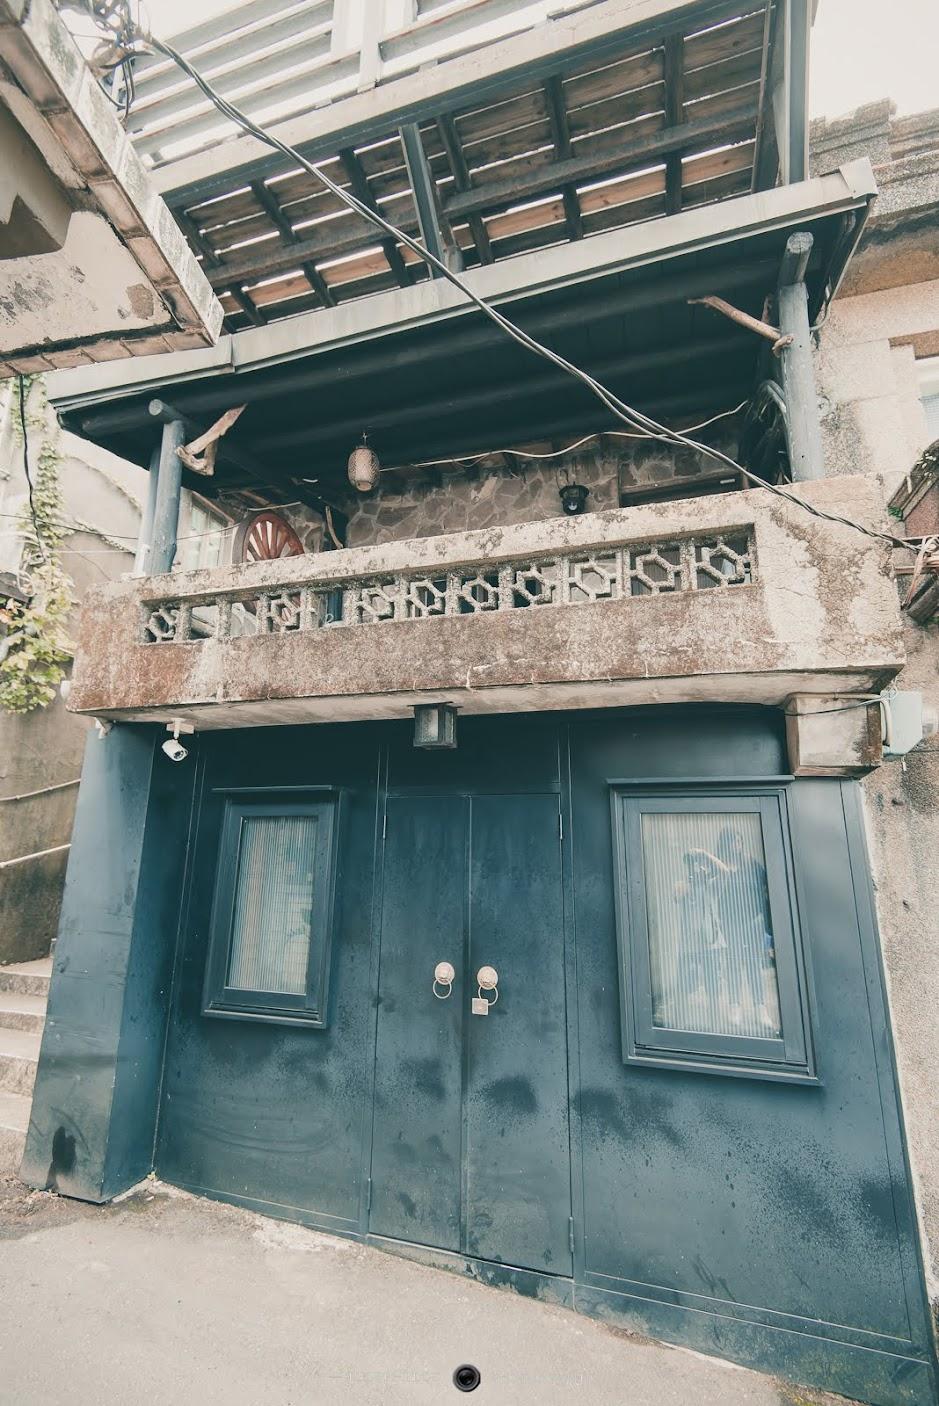 山居-夾腳拖的家民宿外觀很簡樸,是以老屋改建的民宿。